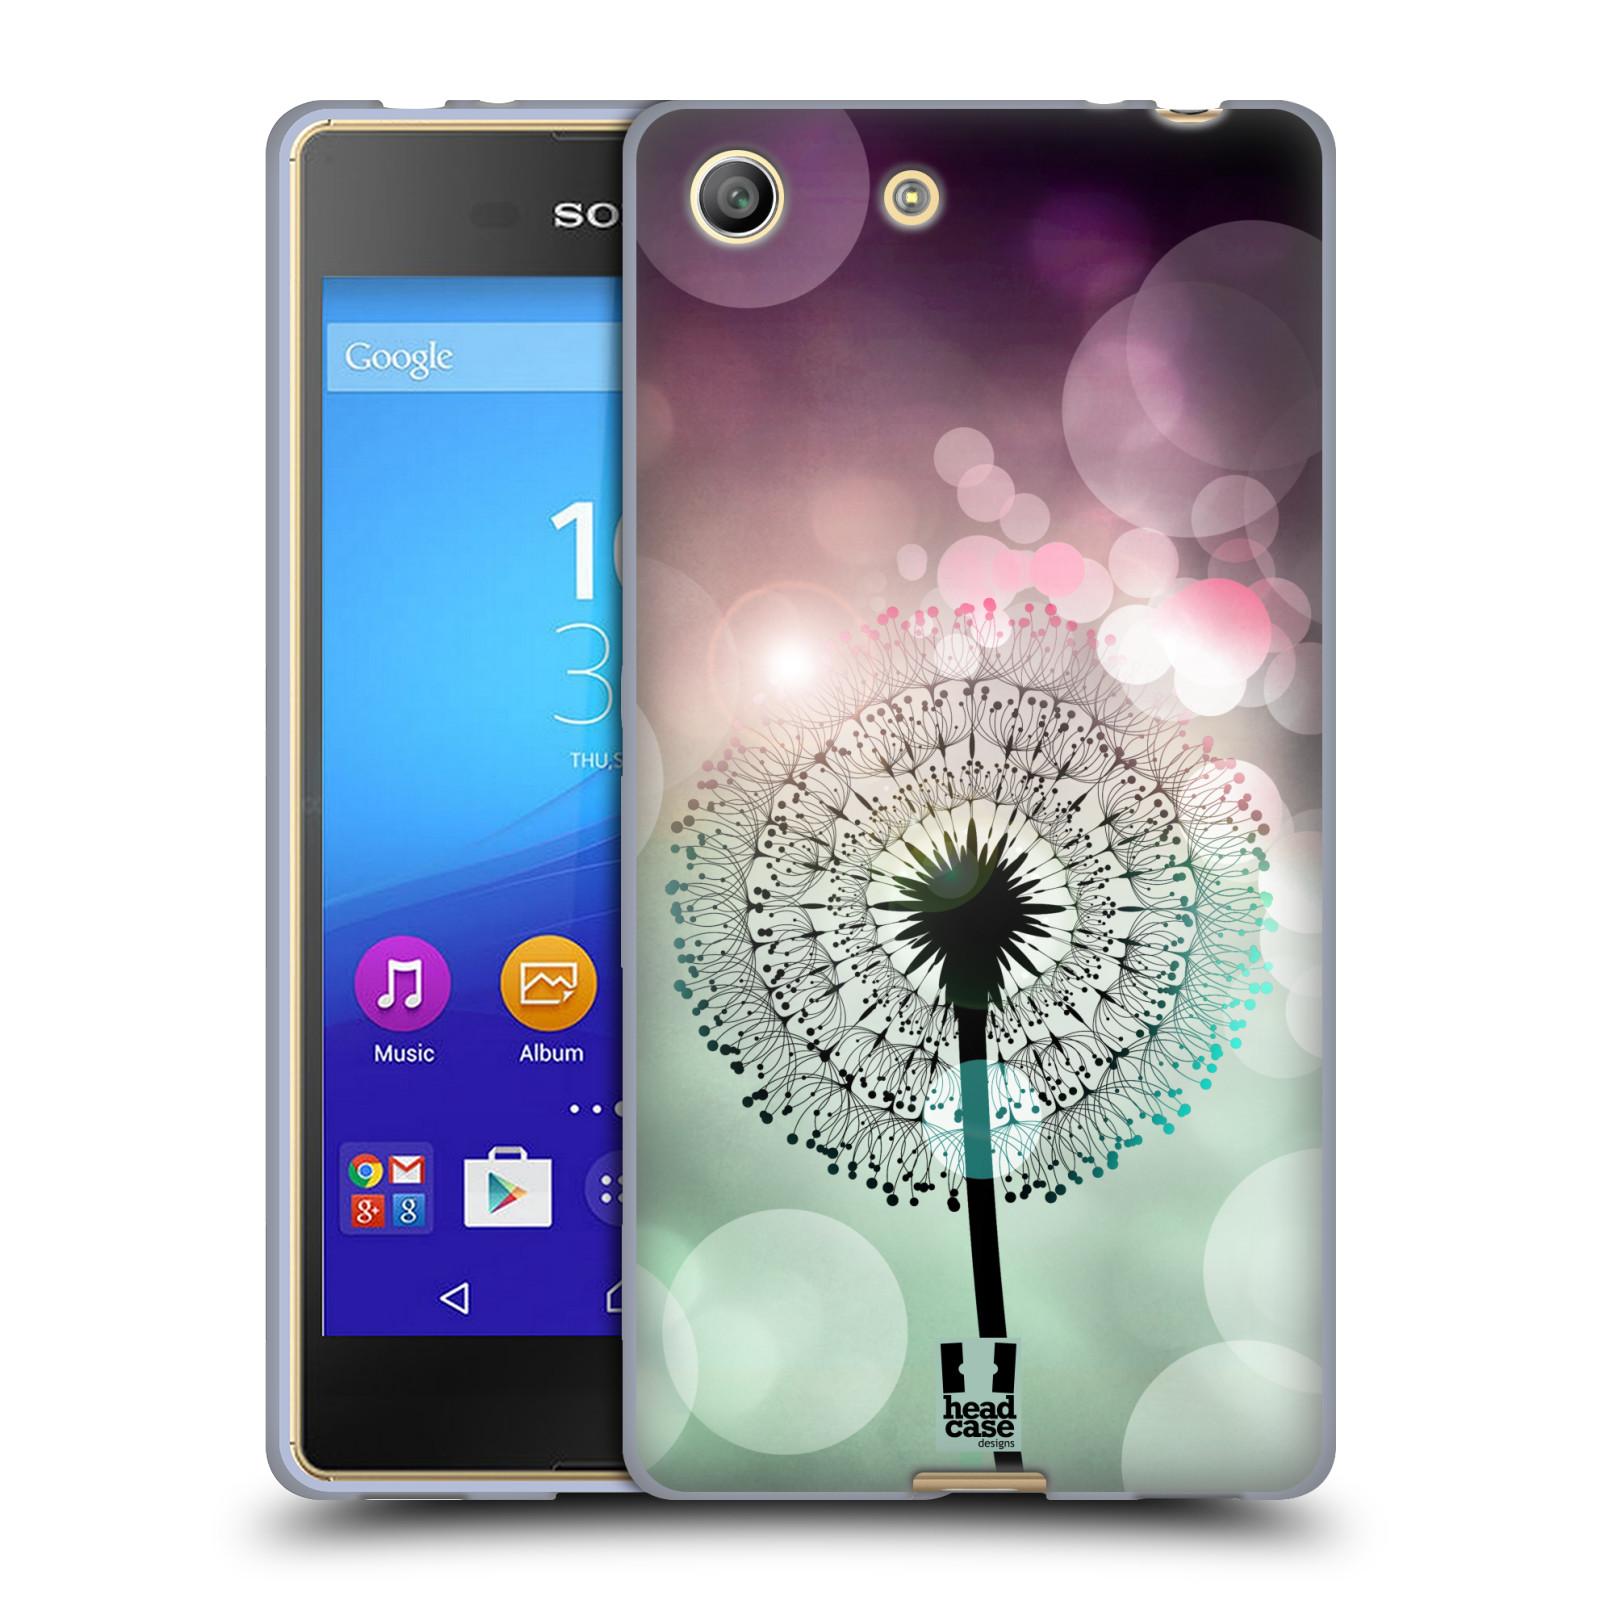 Silikonové pouzdro na mobil Sony Xperia M5 HEAD CASE Pampeliškové odlesky (Silikonový kryt či obal na mobilní telefon Sony Xperia M5 Dual SIM / Aqua)